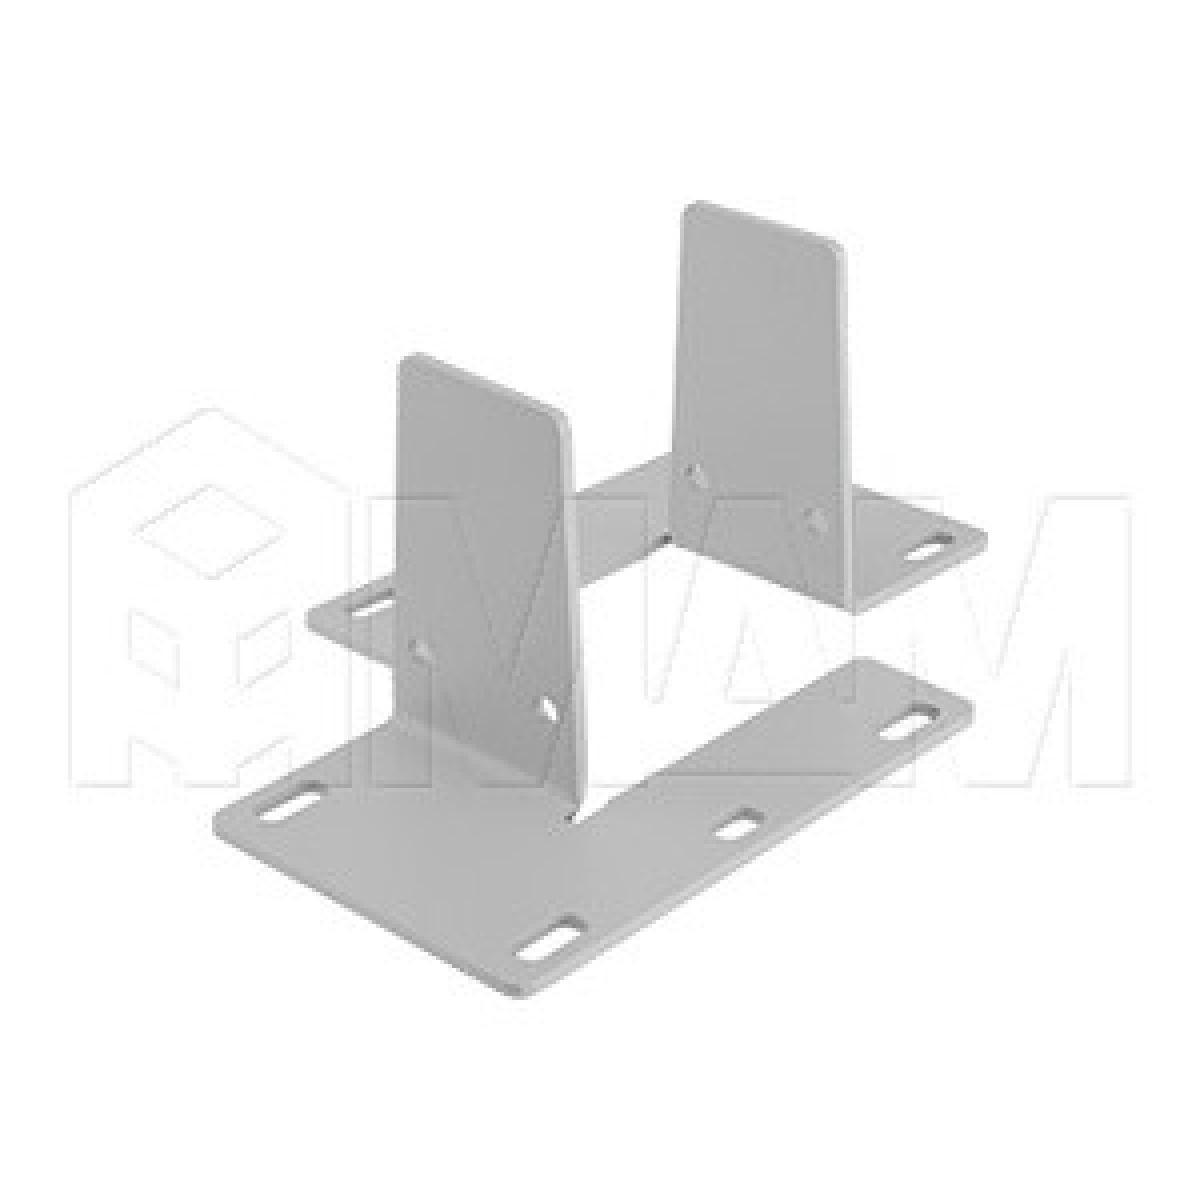 Крепление экрана-перегородки над столом, комплект для двойного стола